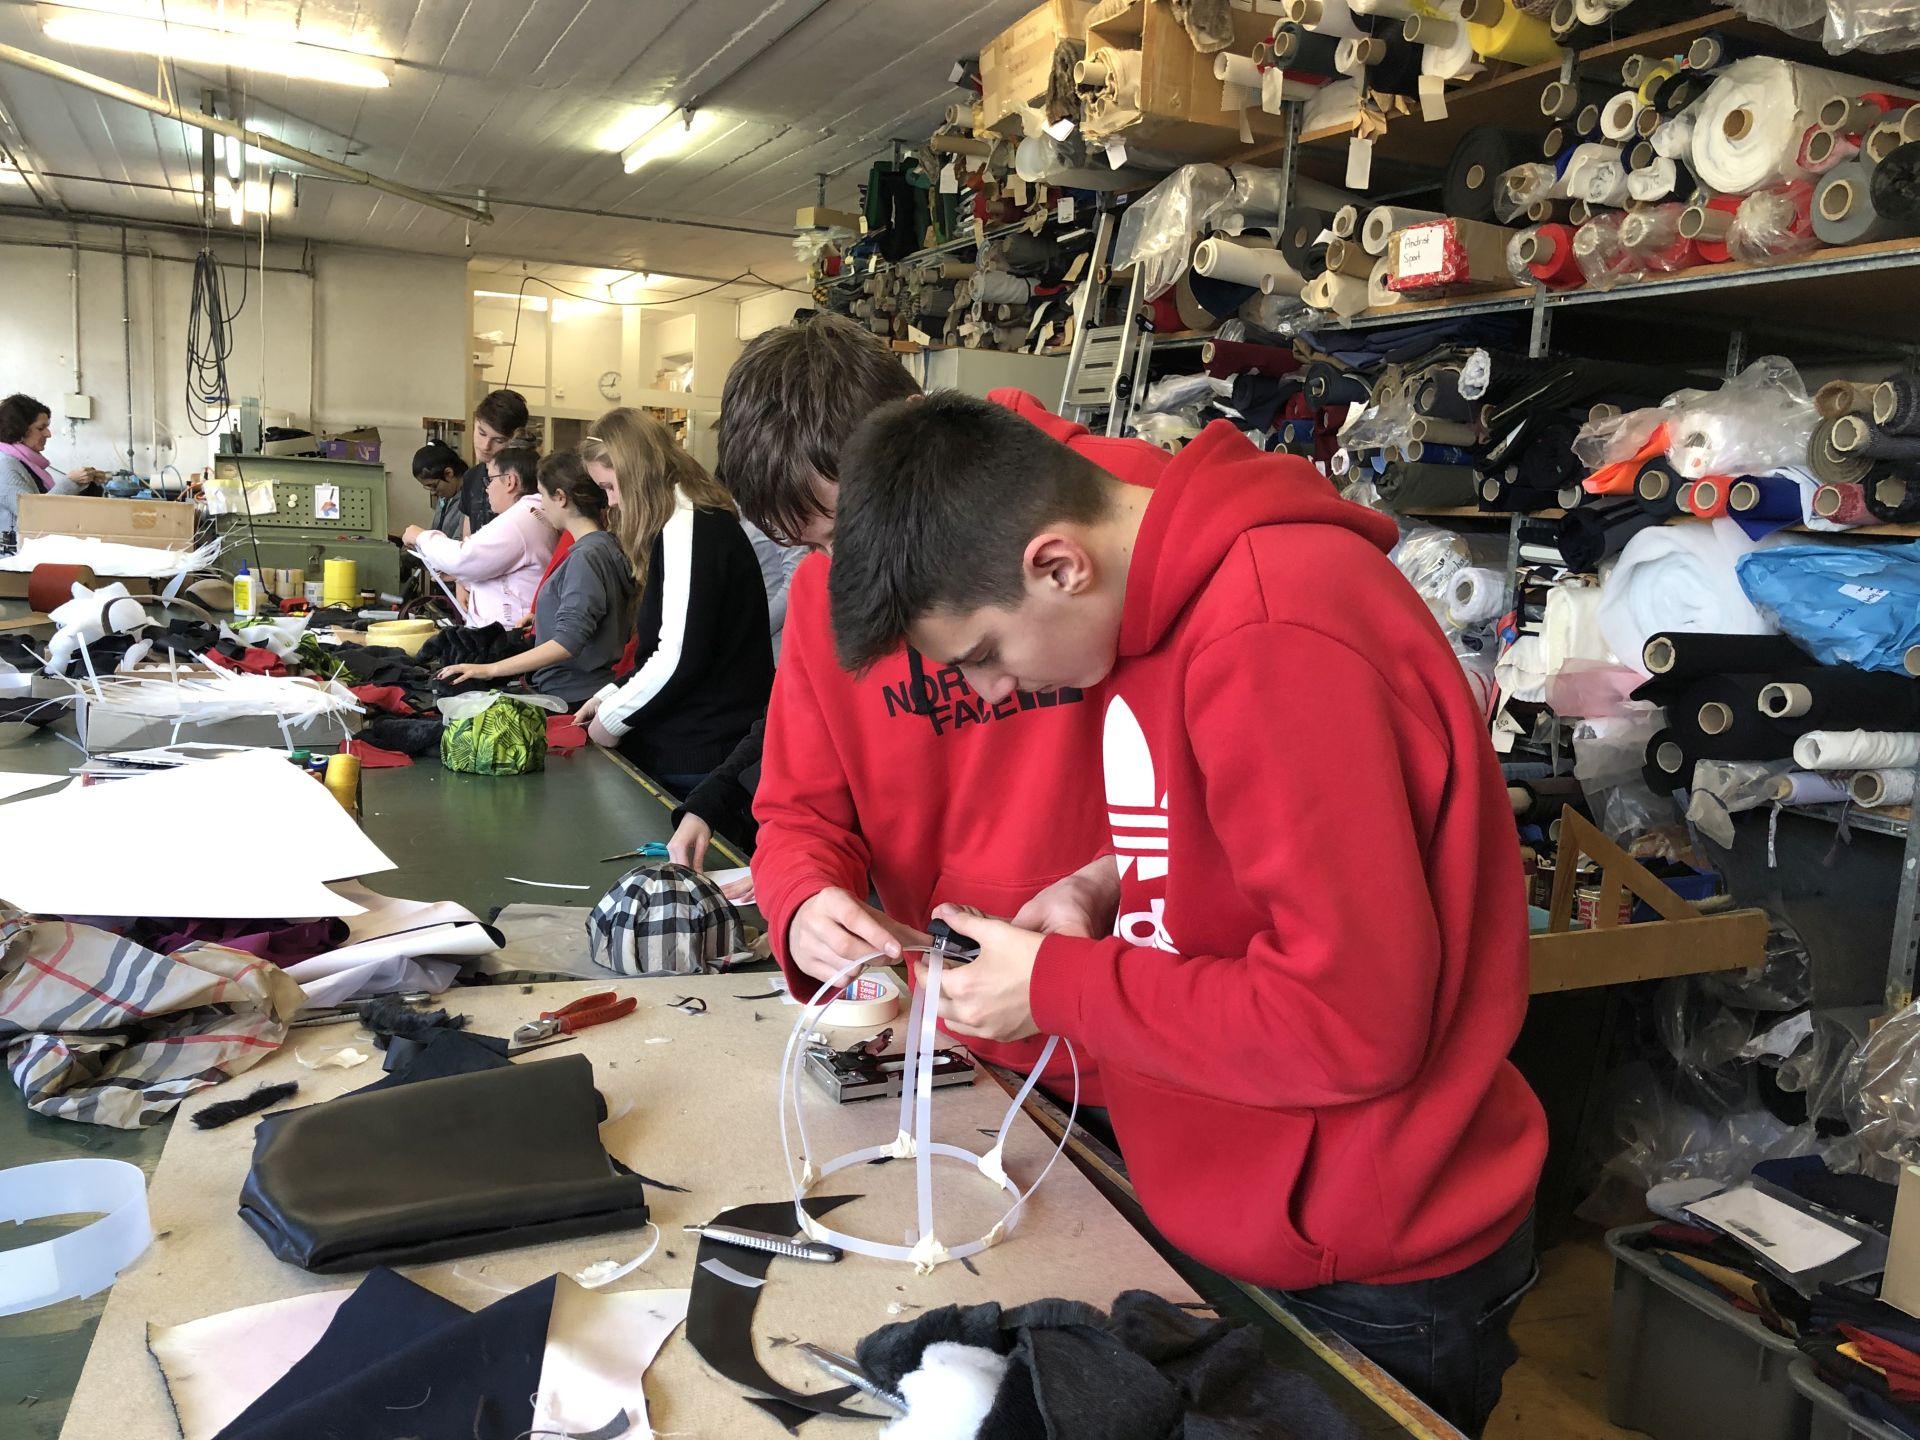 Schülerinnen und Schüler in einer Werkstatt mit vielen Stoffrollen im Hintergrund